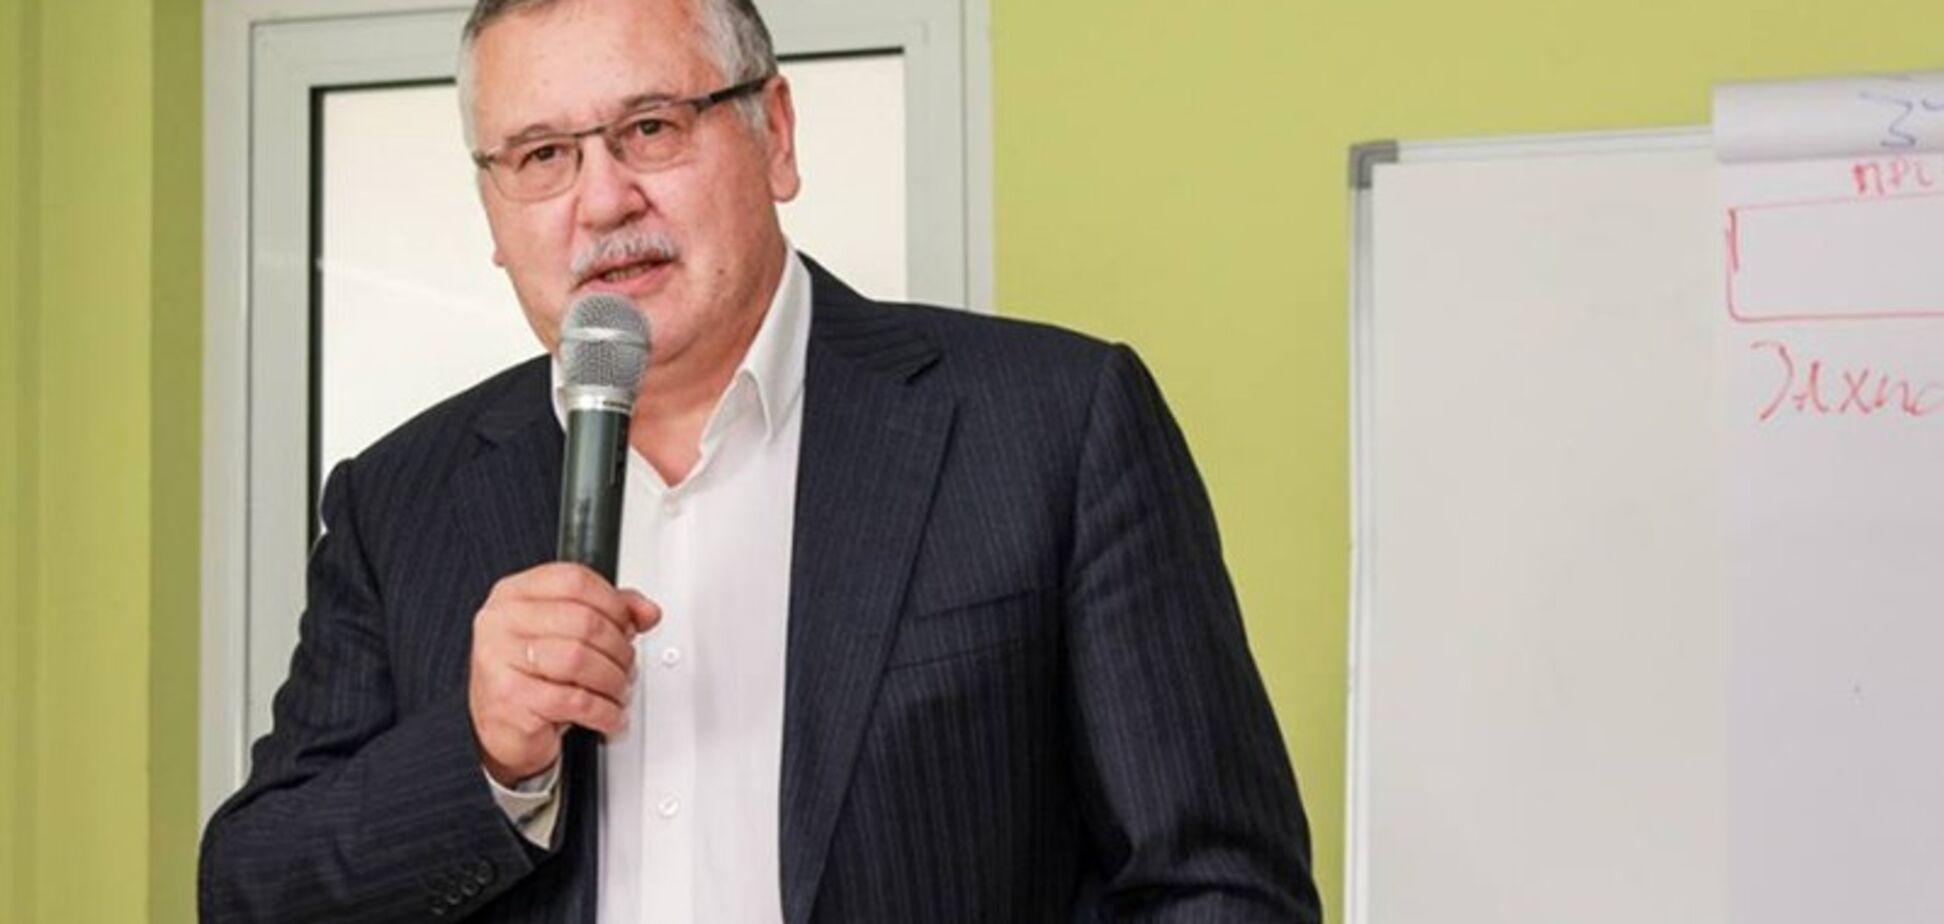 'Йорзають': Гриценко висунув звинувачення на адресу ООН через Росію